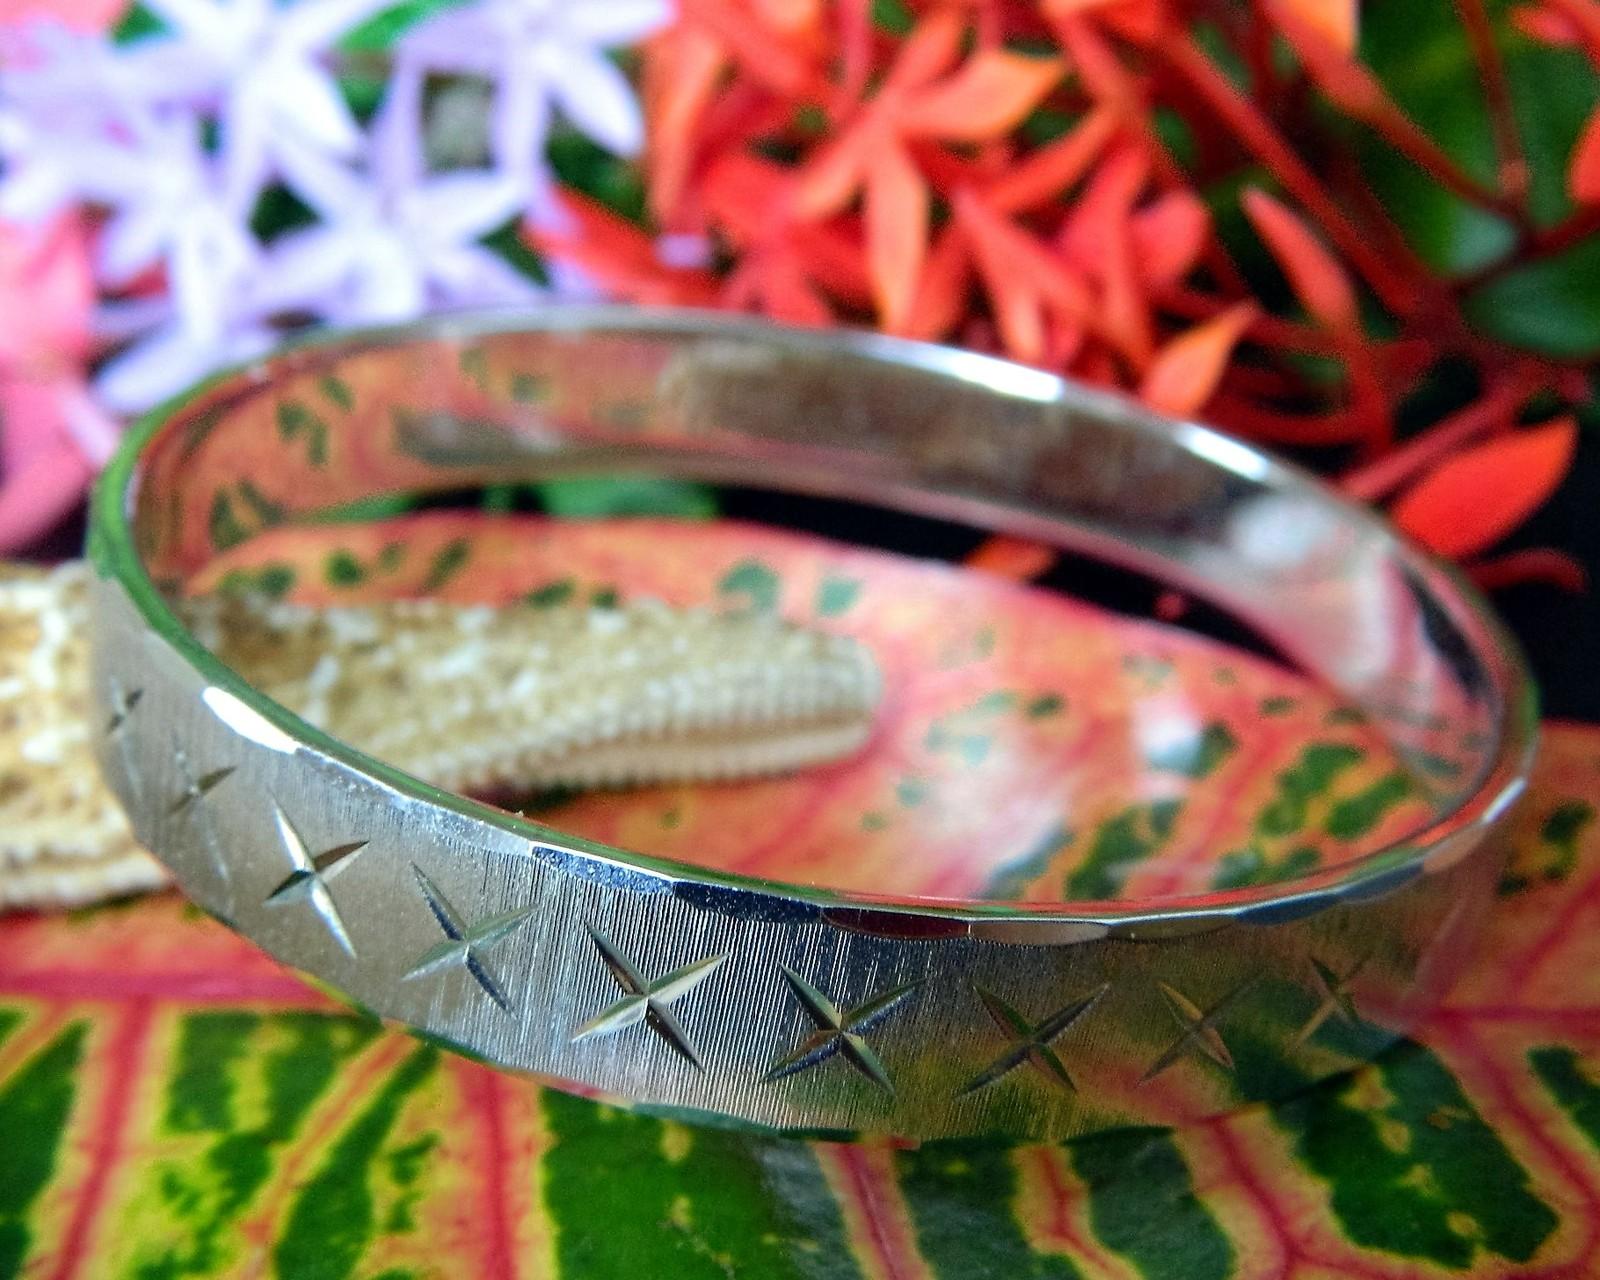 Vintage Monet Bangle Bracelet Silver Tone Etched Diamond Cut Textured